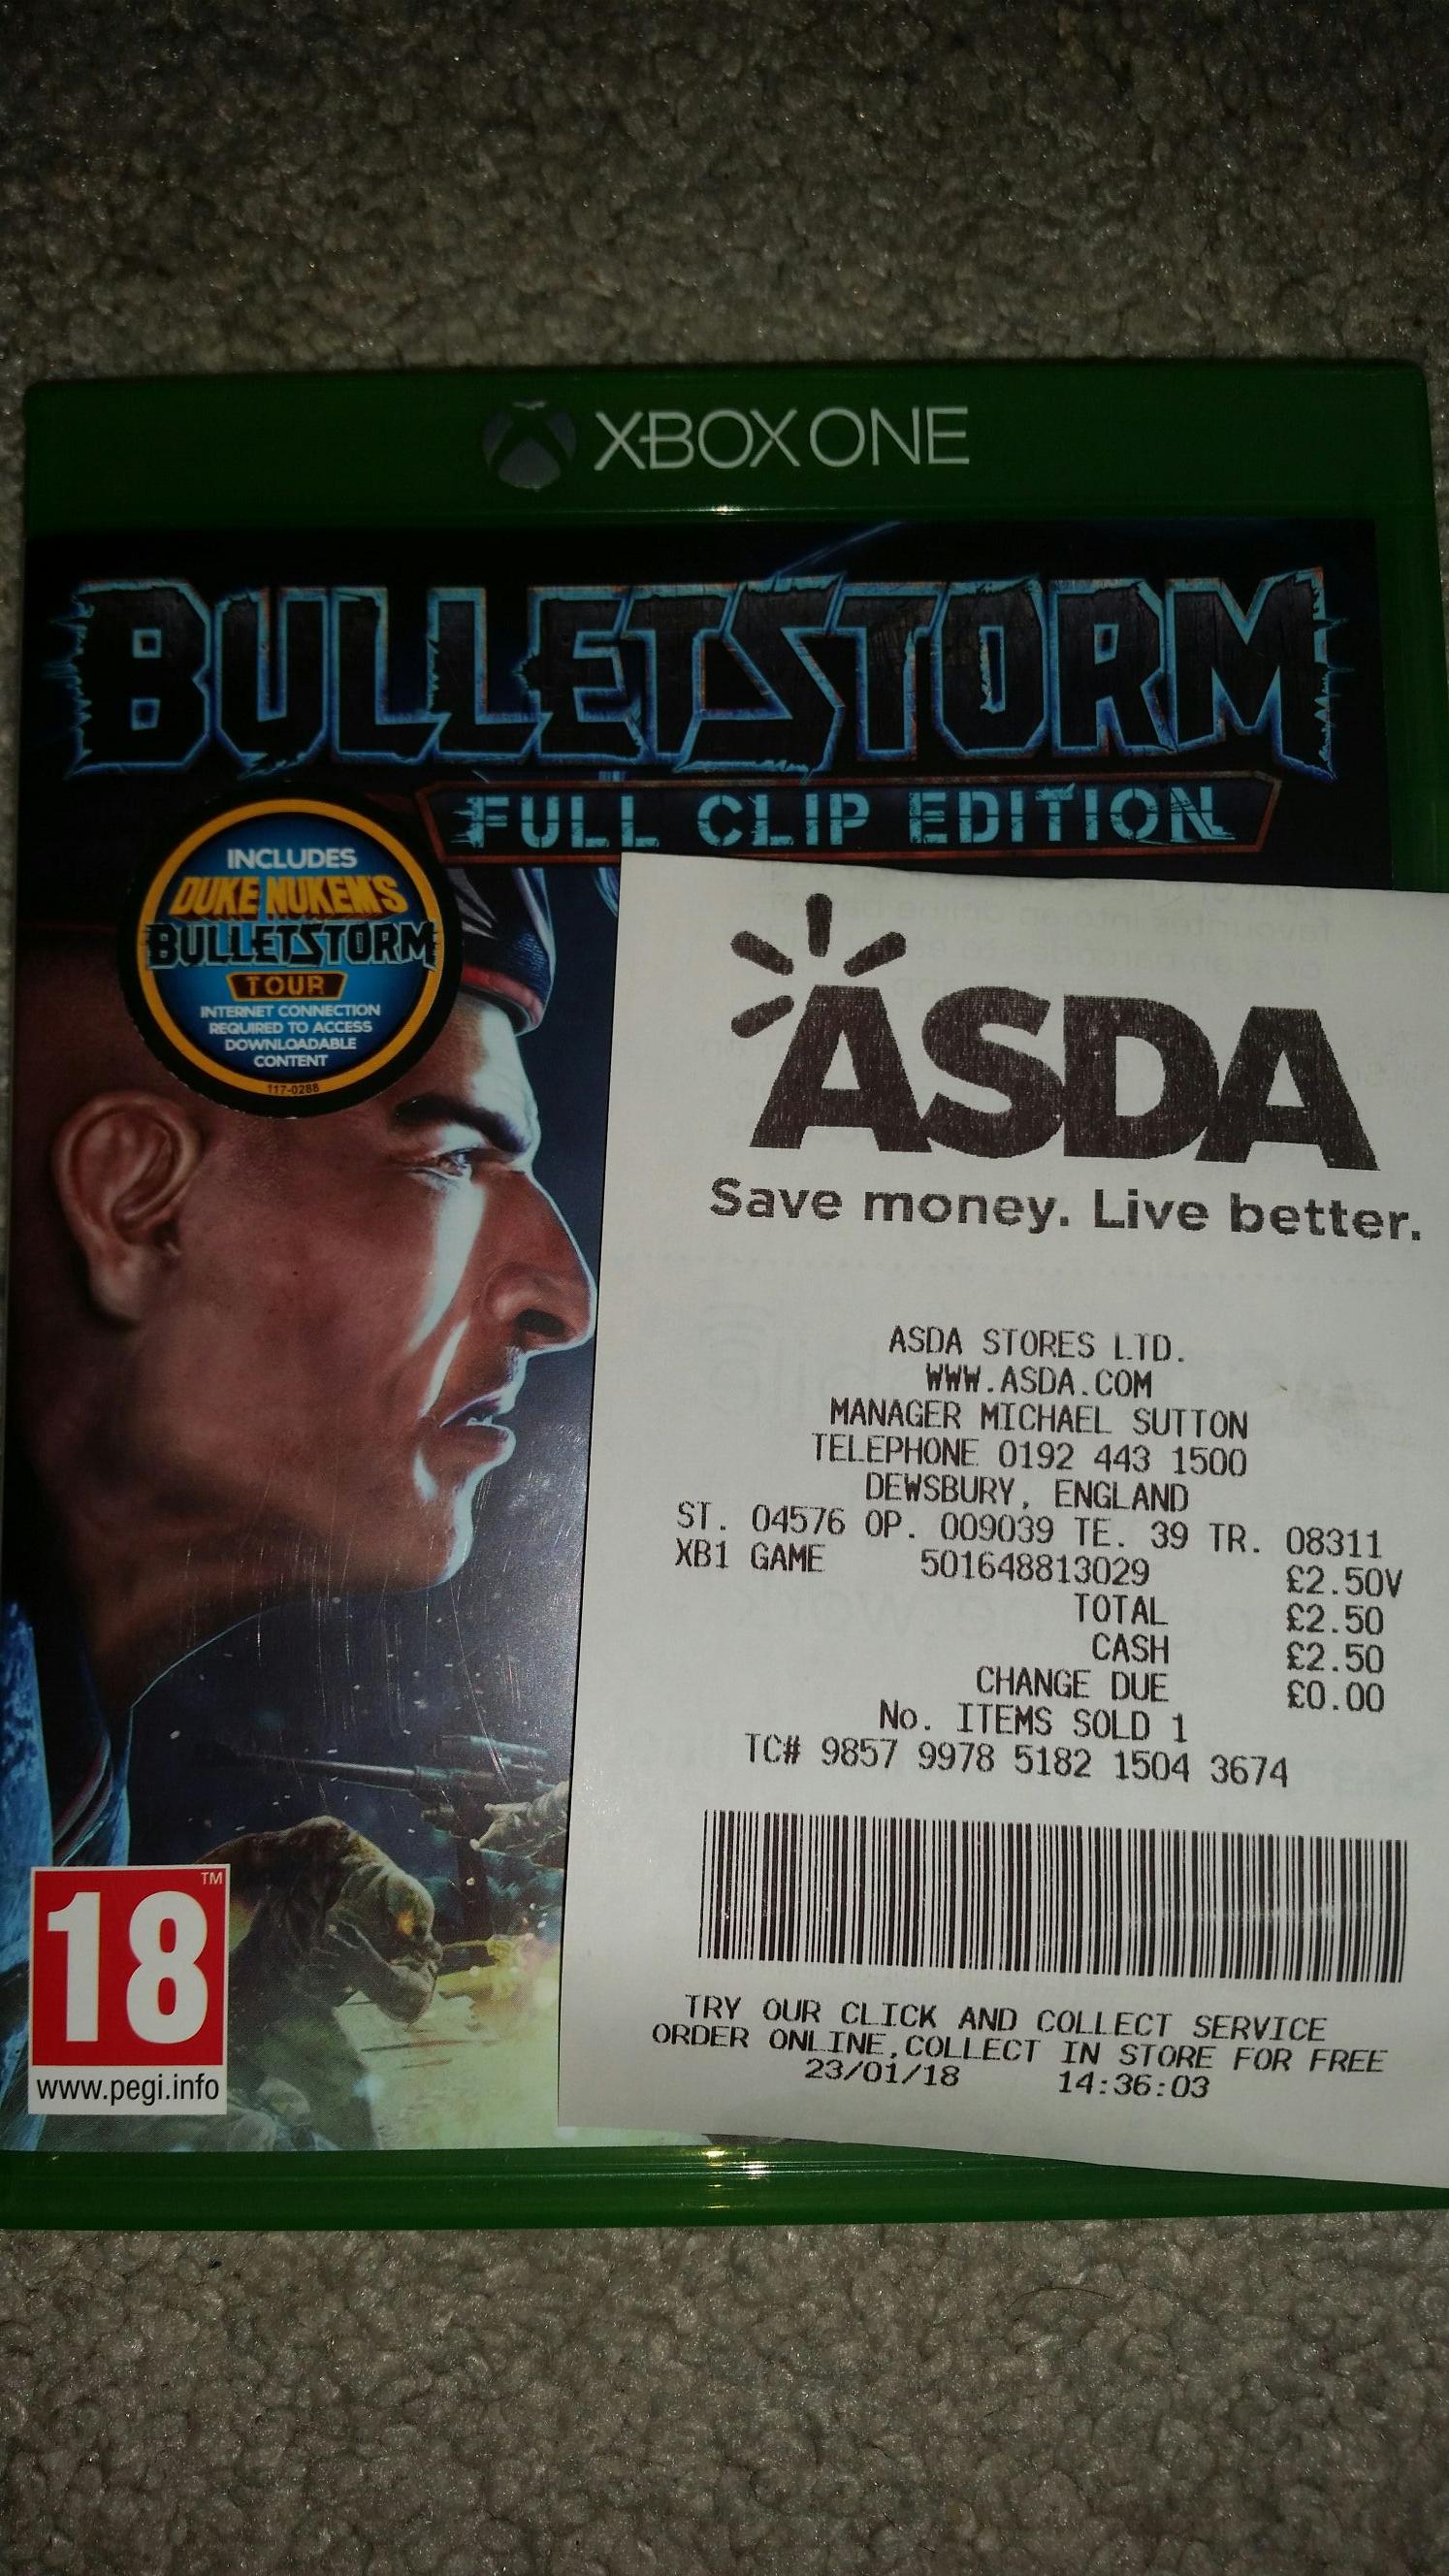 Bulletstorm Full Clip Edition xb1/ps4 £2.50 instore ASDA